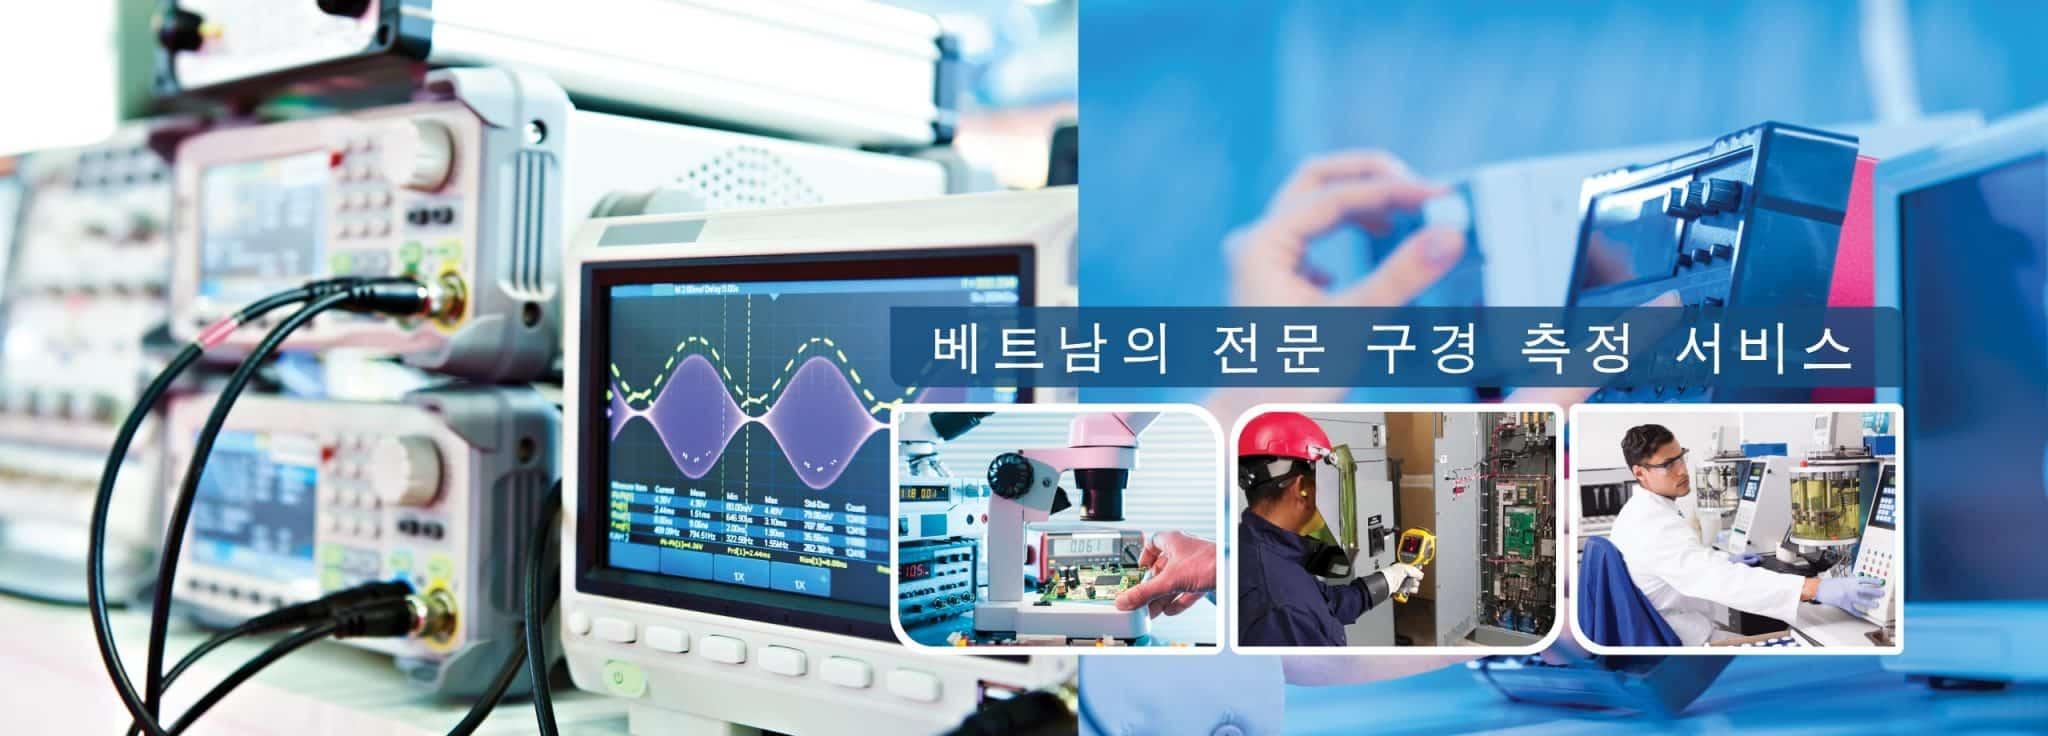 Banner web tiếng Hàn